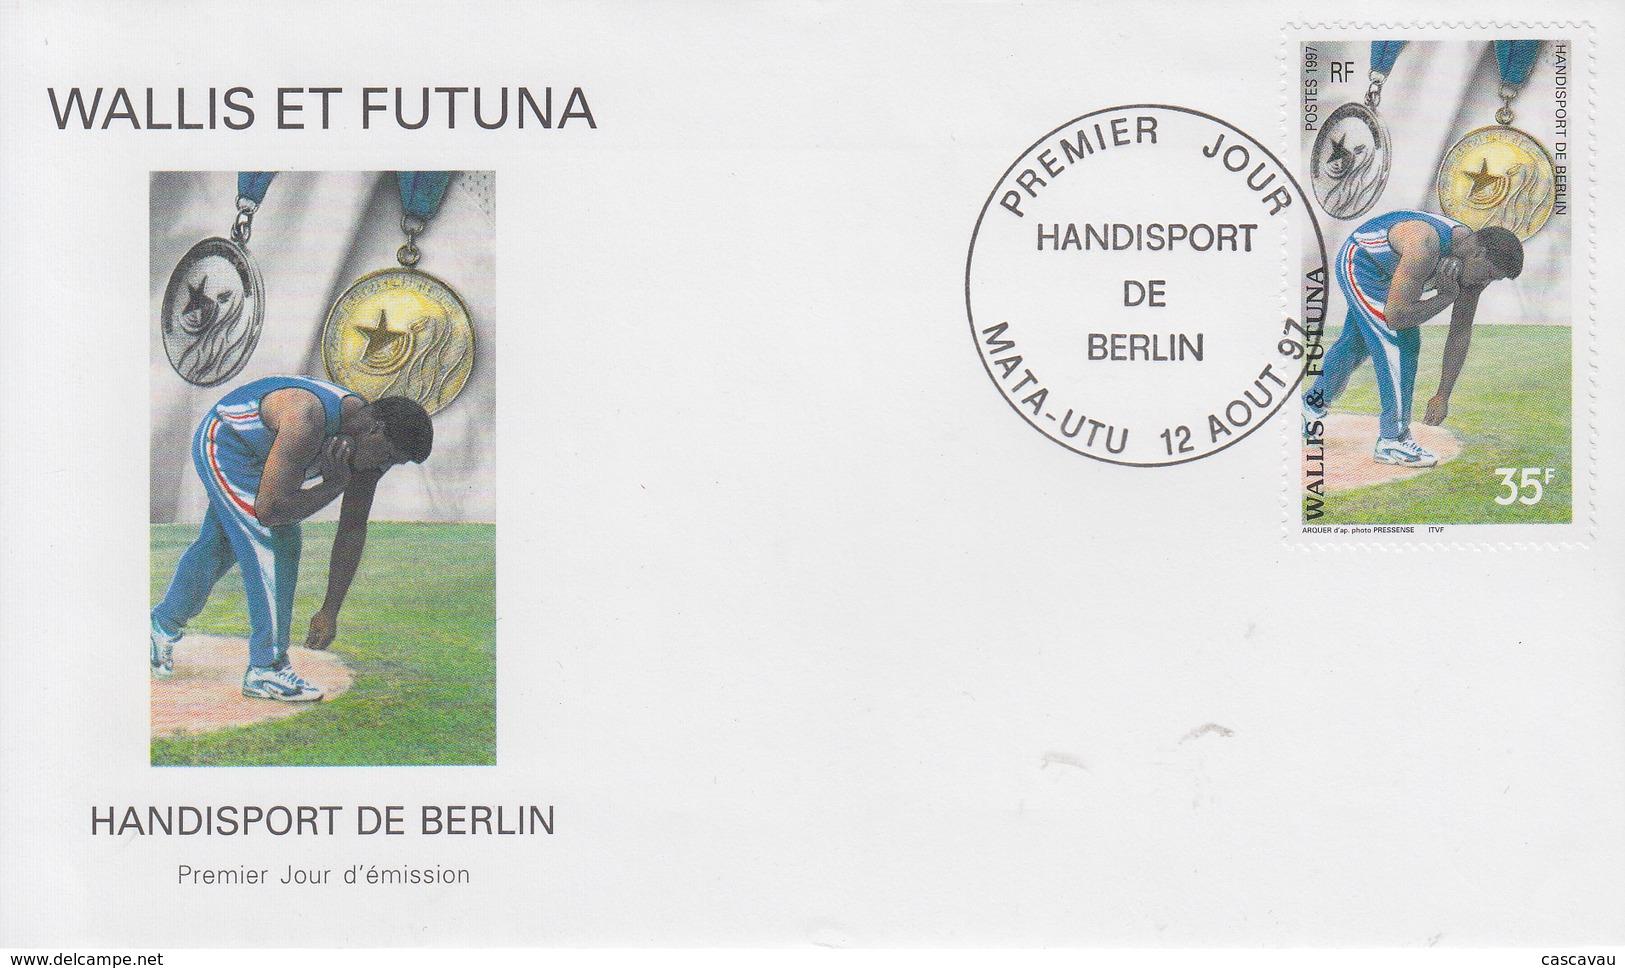 Enveloppe  FDC   1er Jour    WALLIS  ET  FUTUNA     Handisport  De  BERLIN    1997 - Handisport